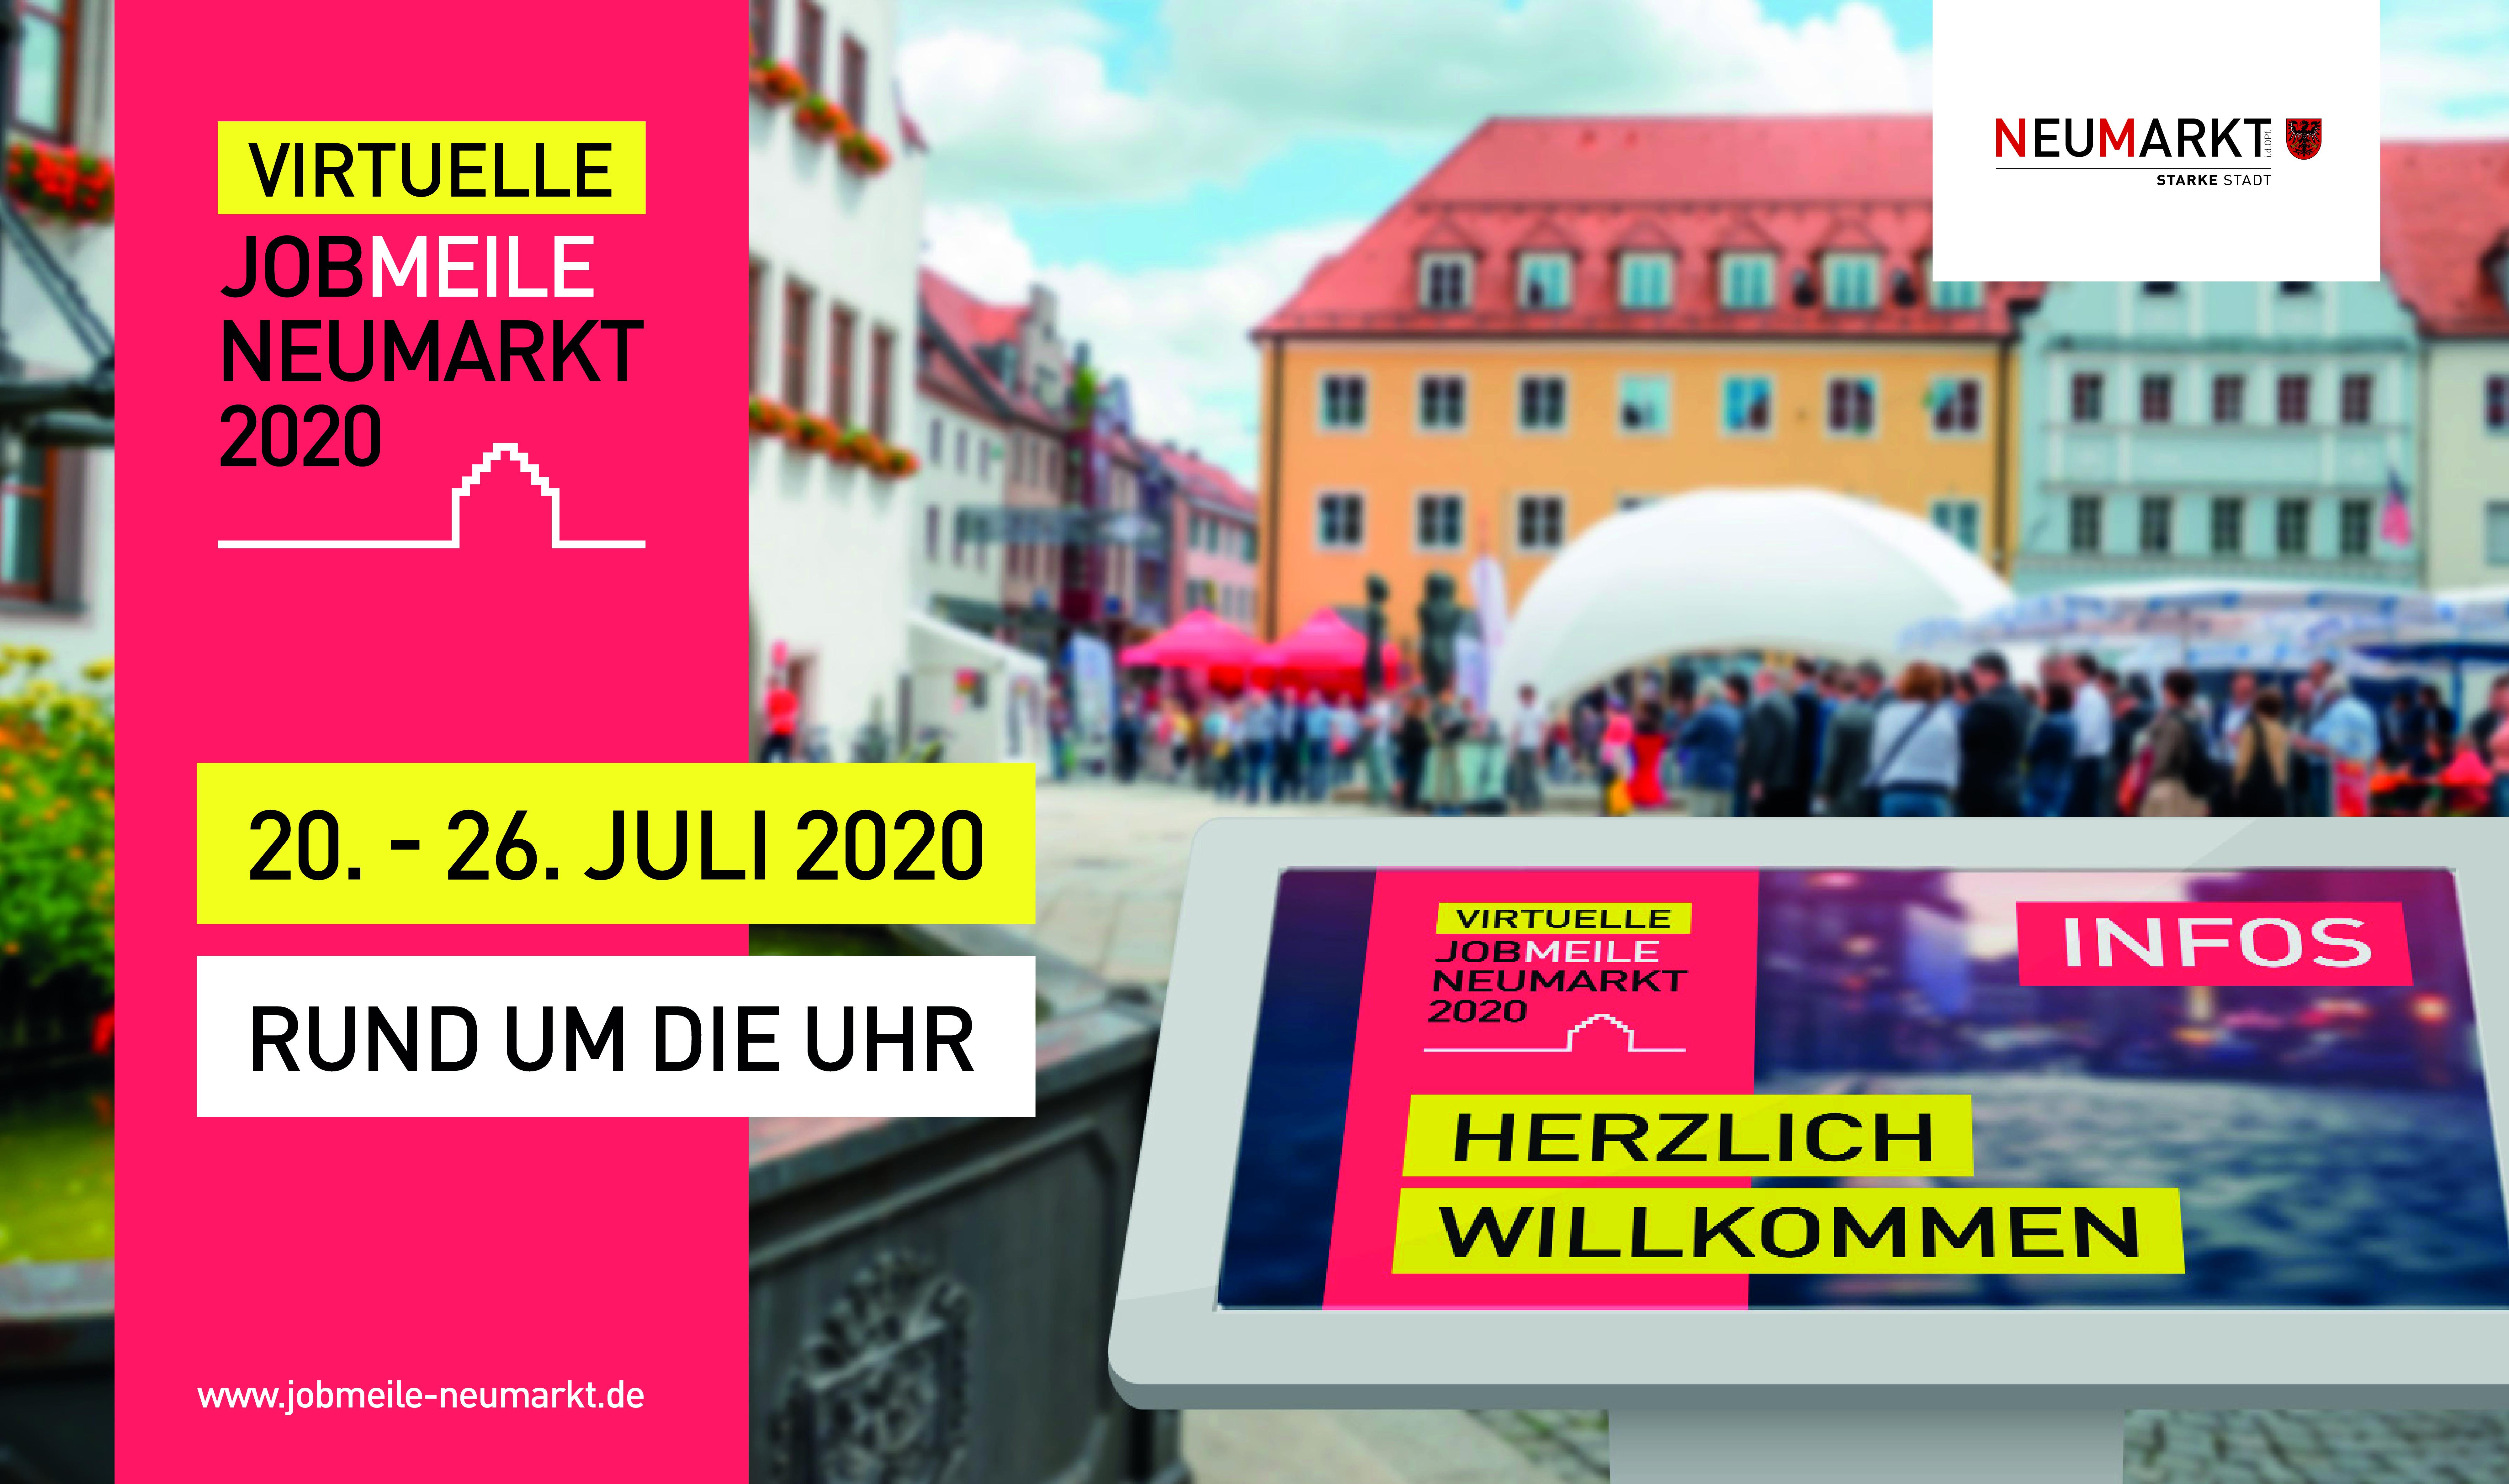 Jobmeile2020_Neumarkt_Stadt Neumarkt via Agentur mr.pixel_Andreas Krause